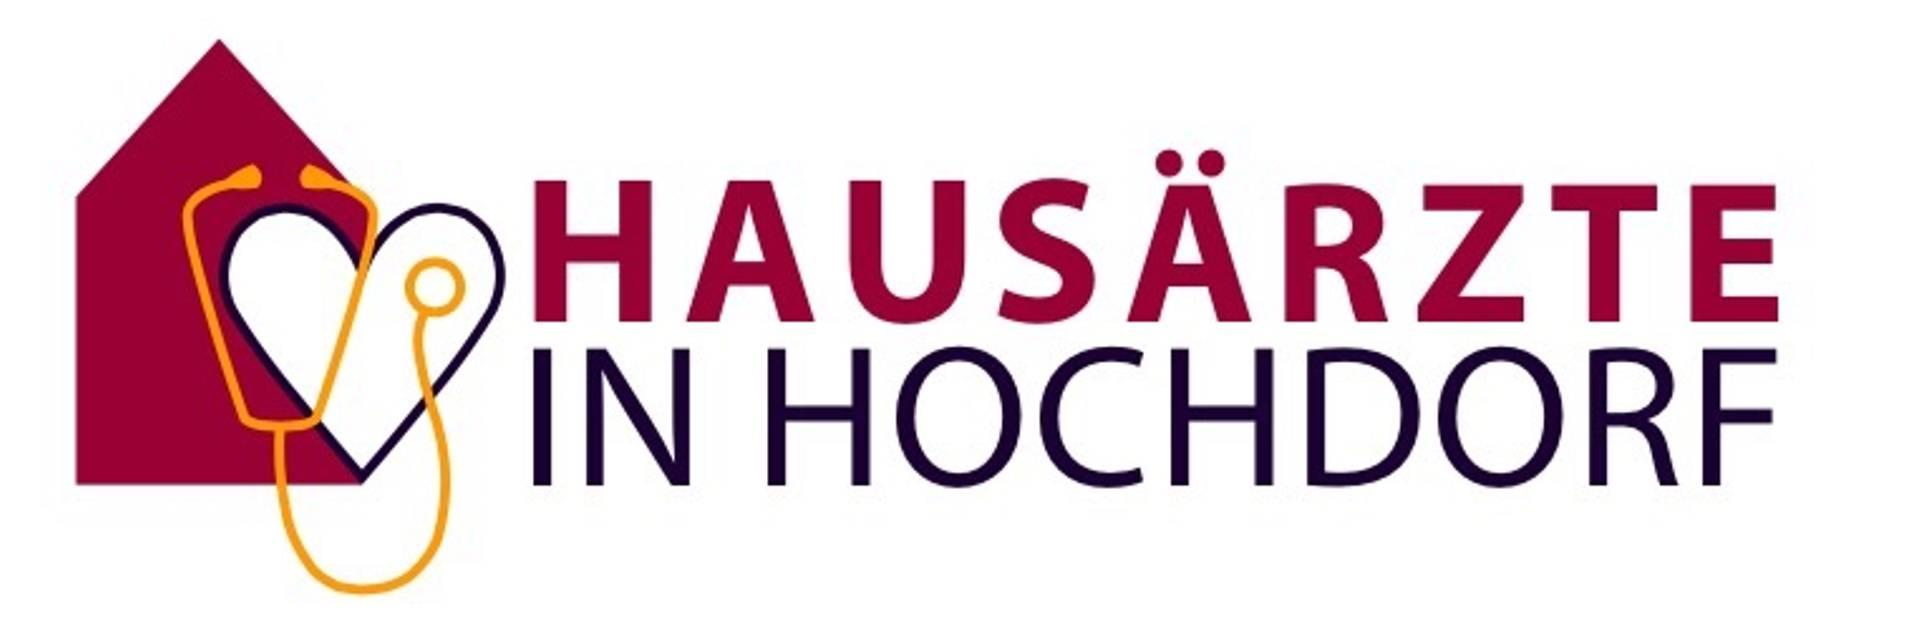 Hausarztpraxis Hochdorf